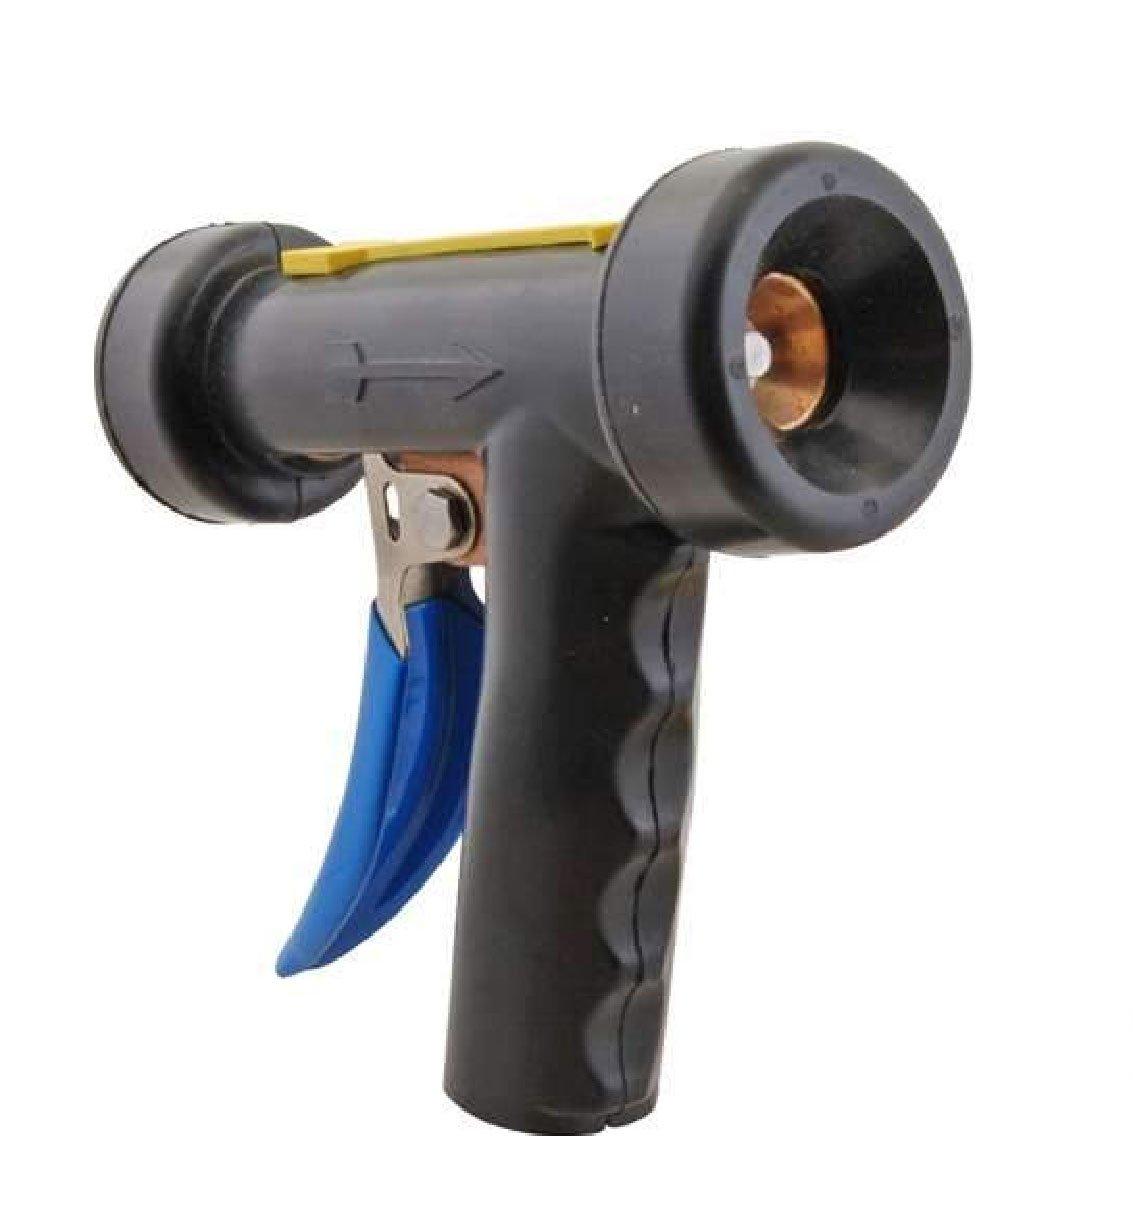 M-70 Series Bronze Spray Nozzle - Black